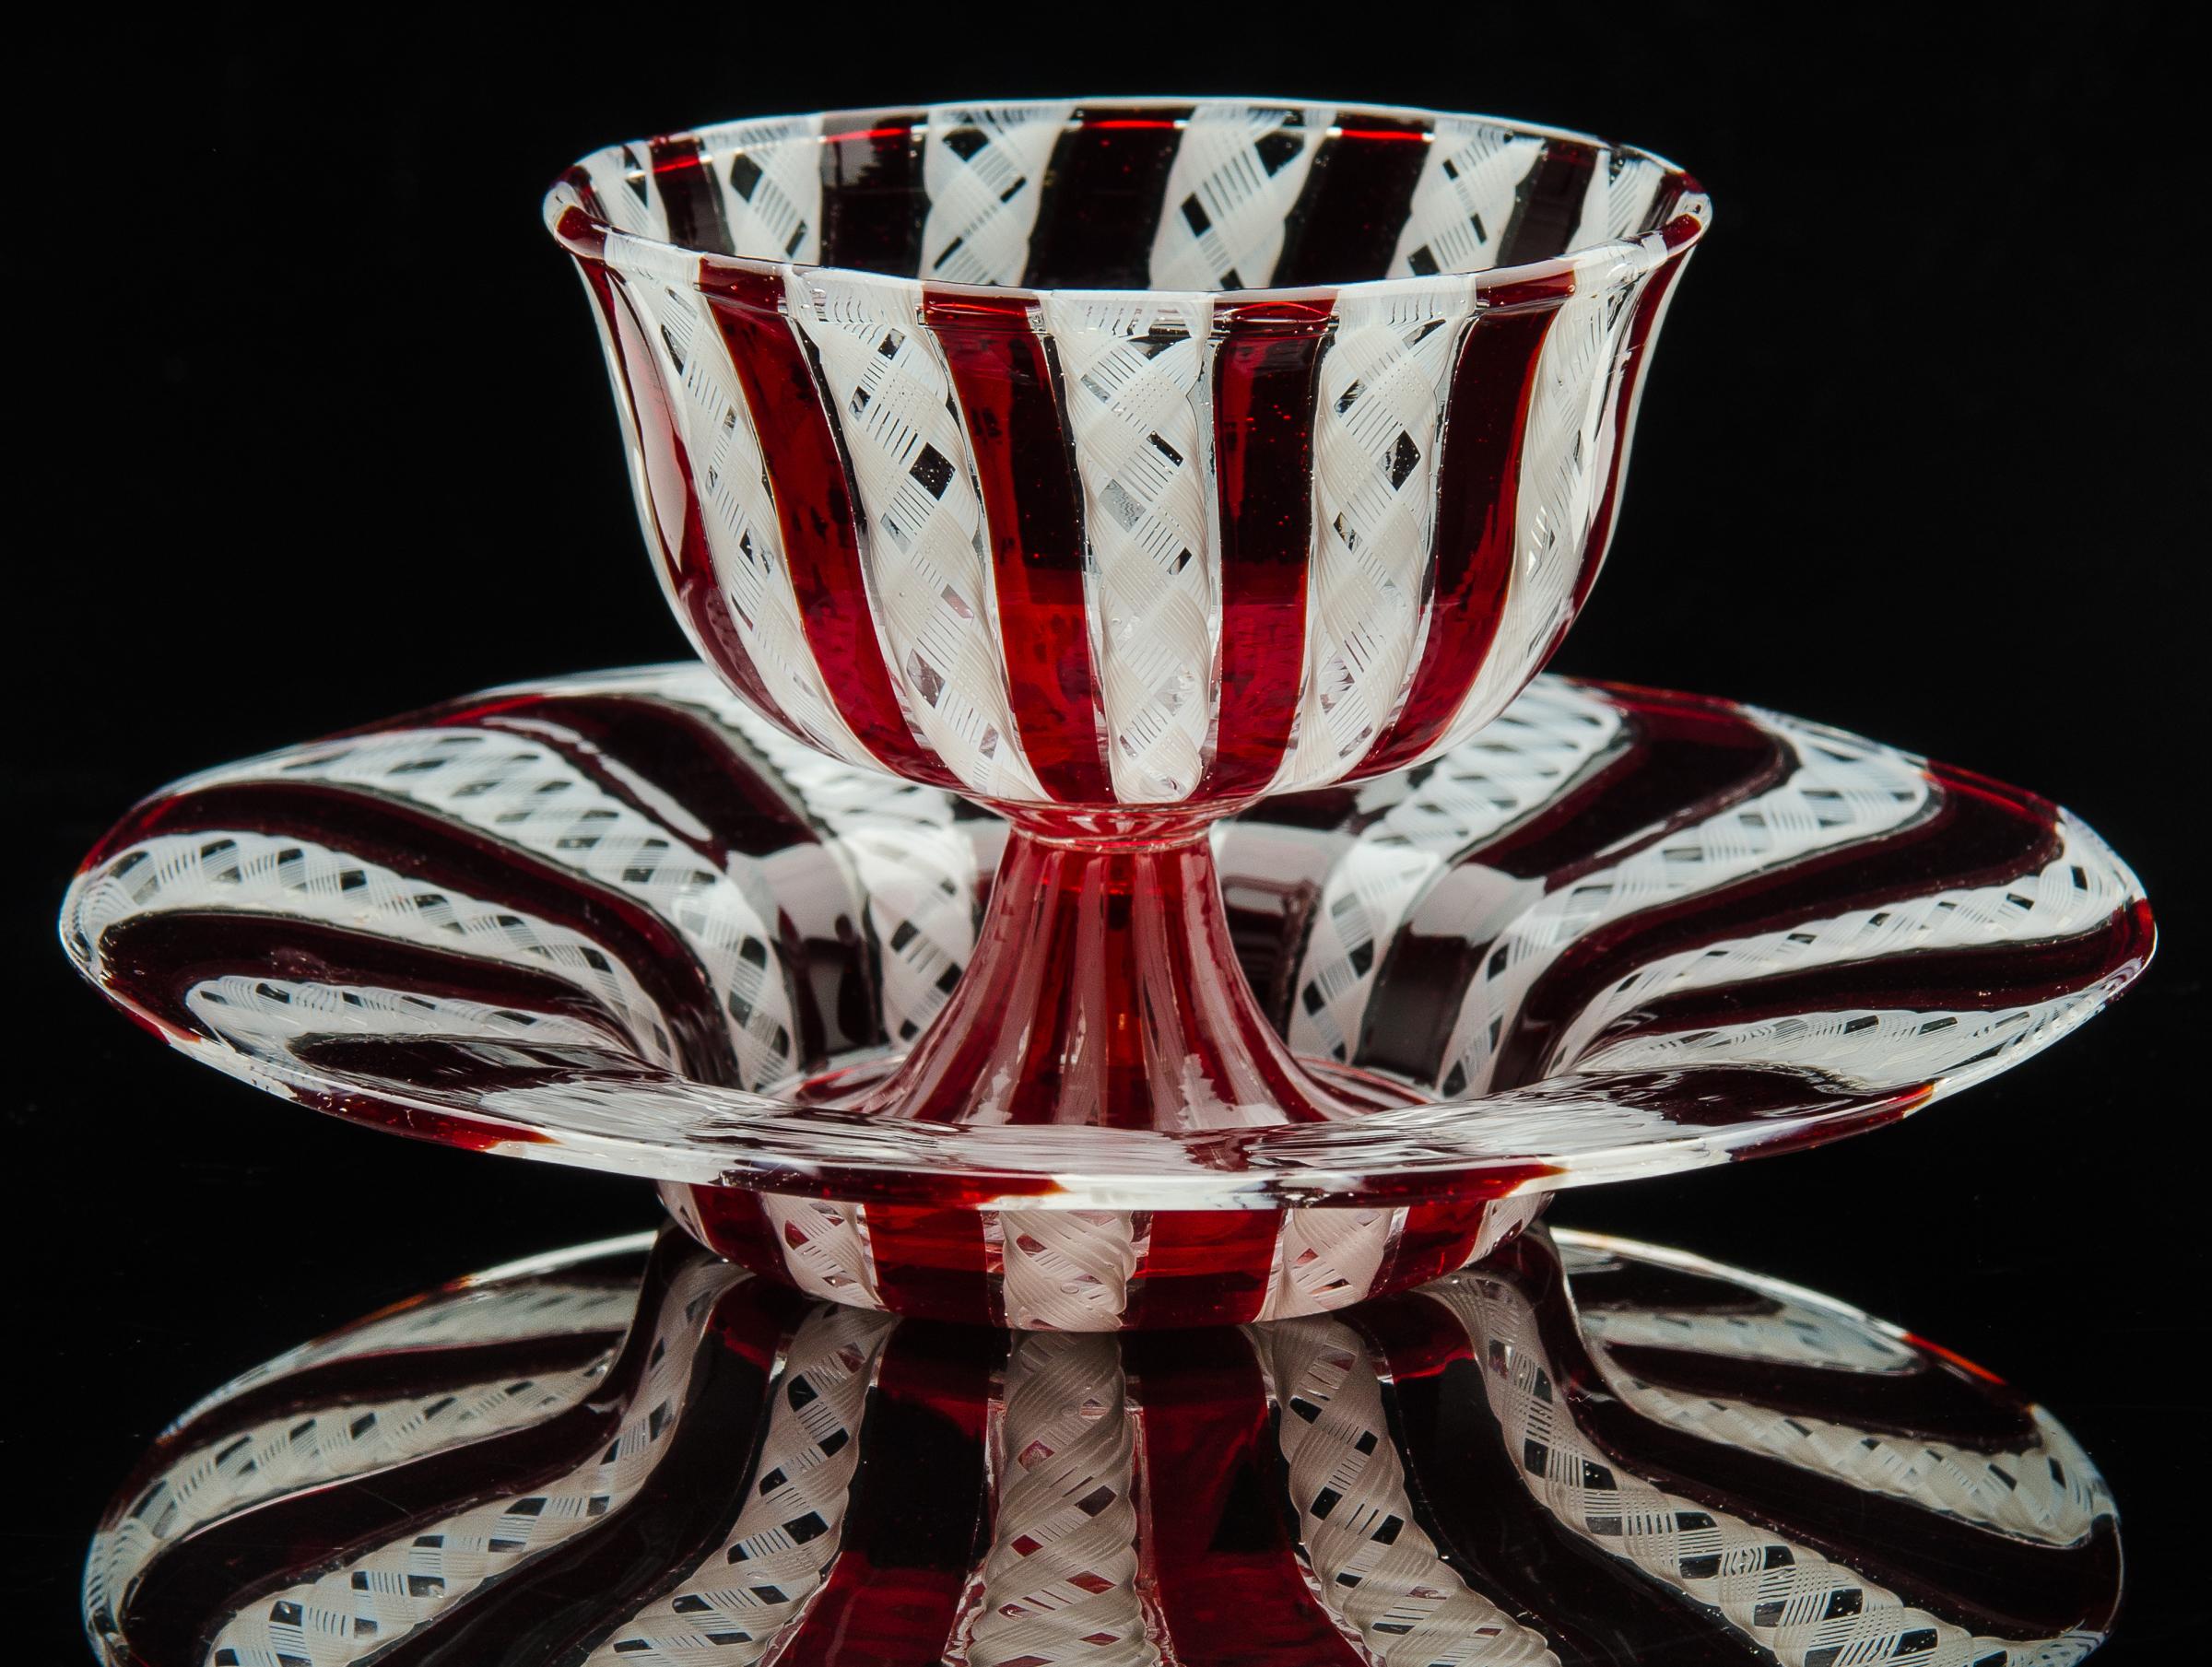 Salviati and Company,  Red Vetro a Retorti Sherbert Glass and Plate  (circa 1885, glass, 3 inches), VV.270